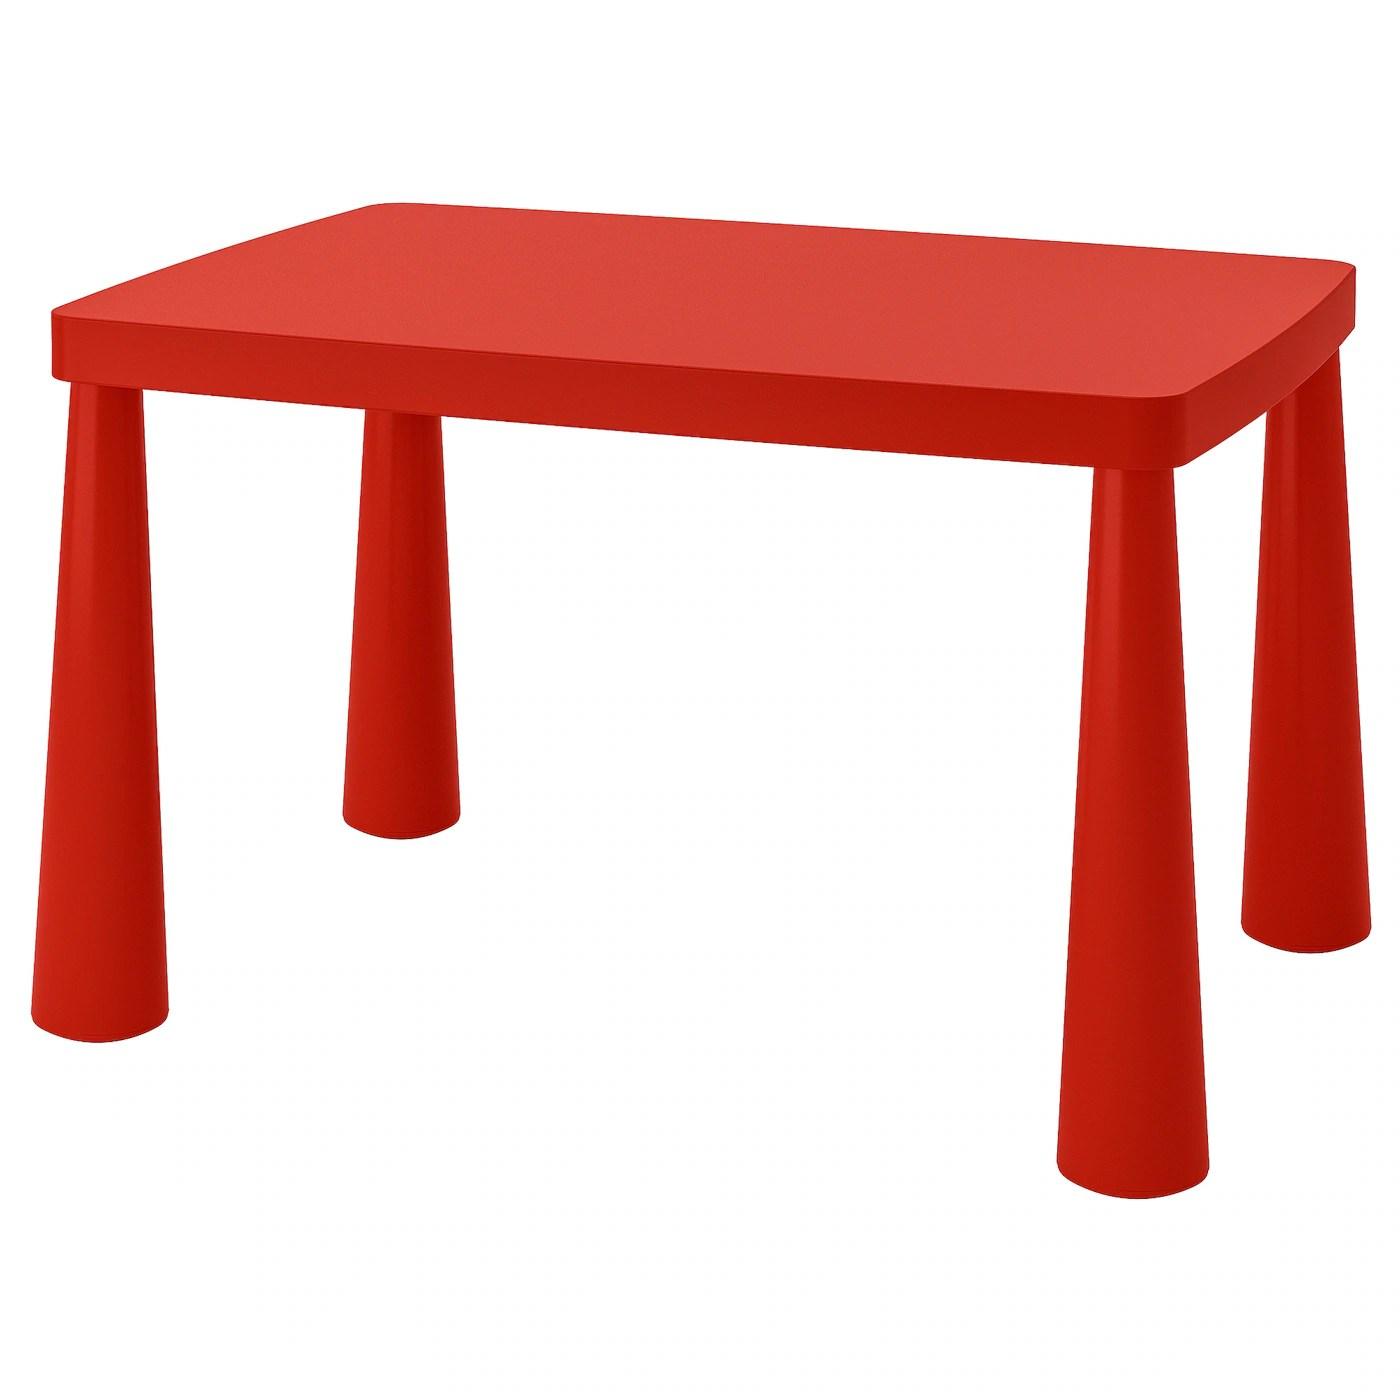 mammut table enfant interieur exterieur rouge 30 3 8x21 5 8 77x55 cm